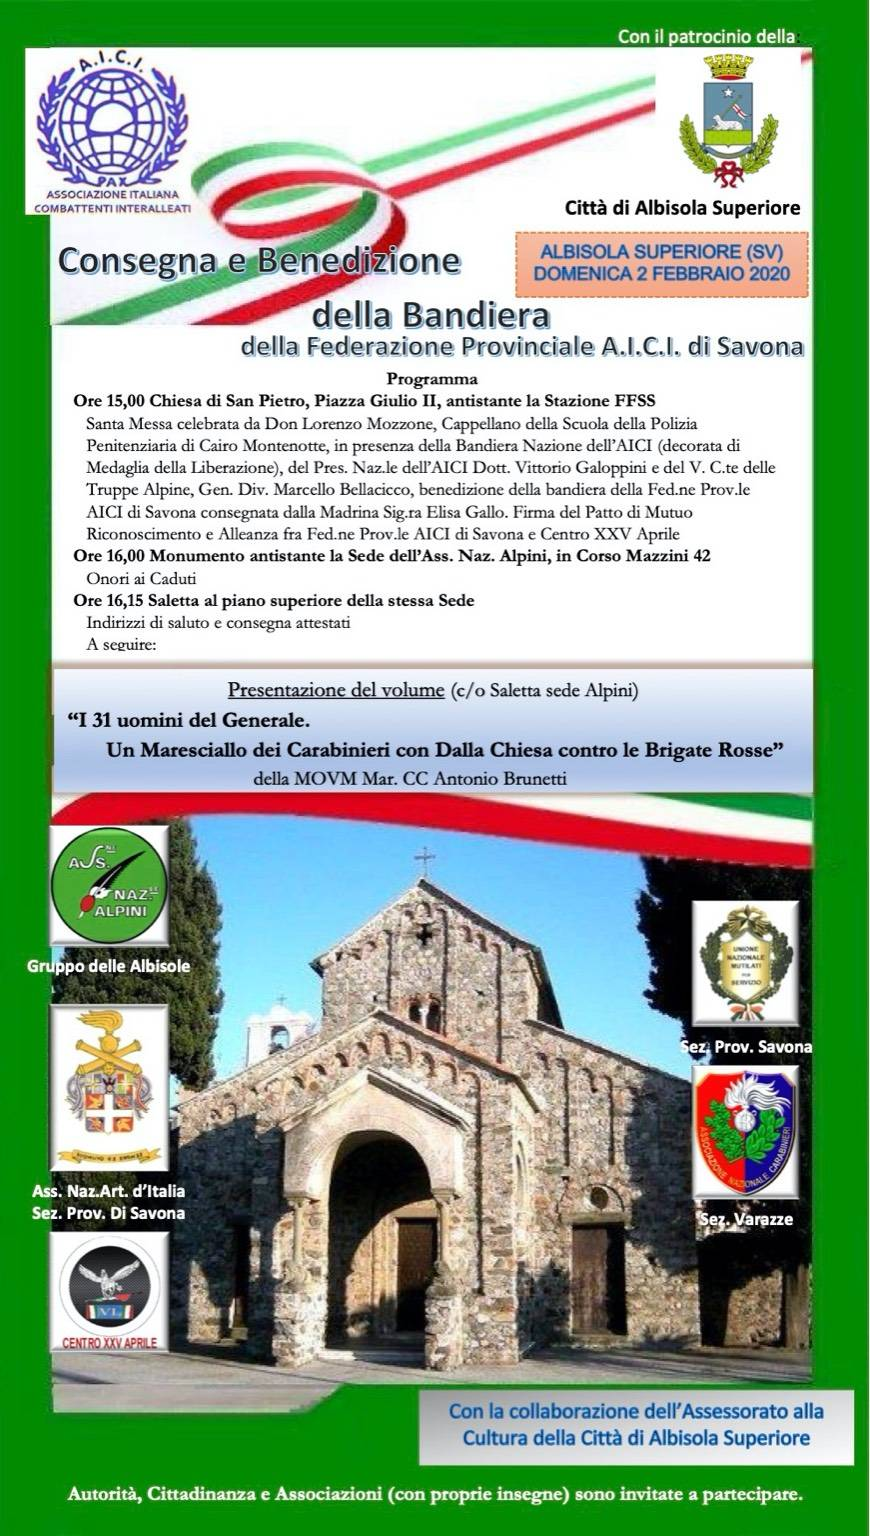 AICI Savona consegna e benedizione bandiera Albisola Superiore